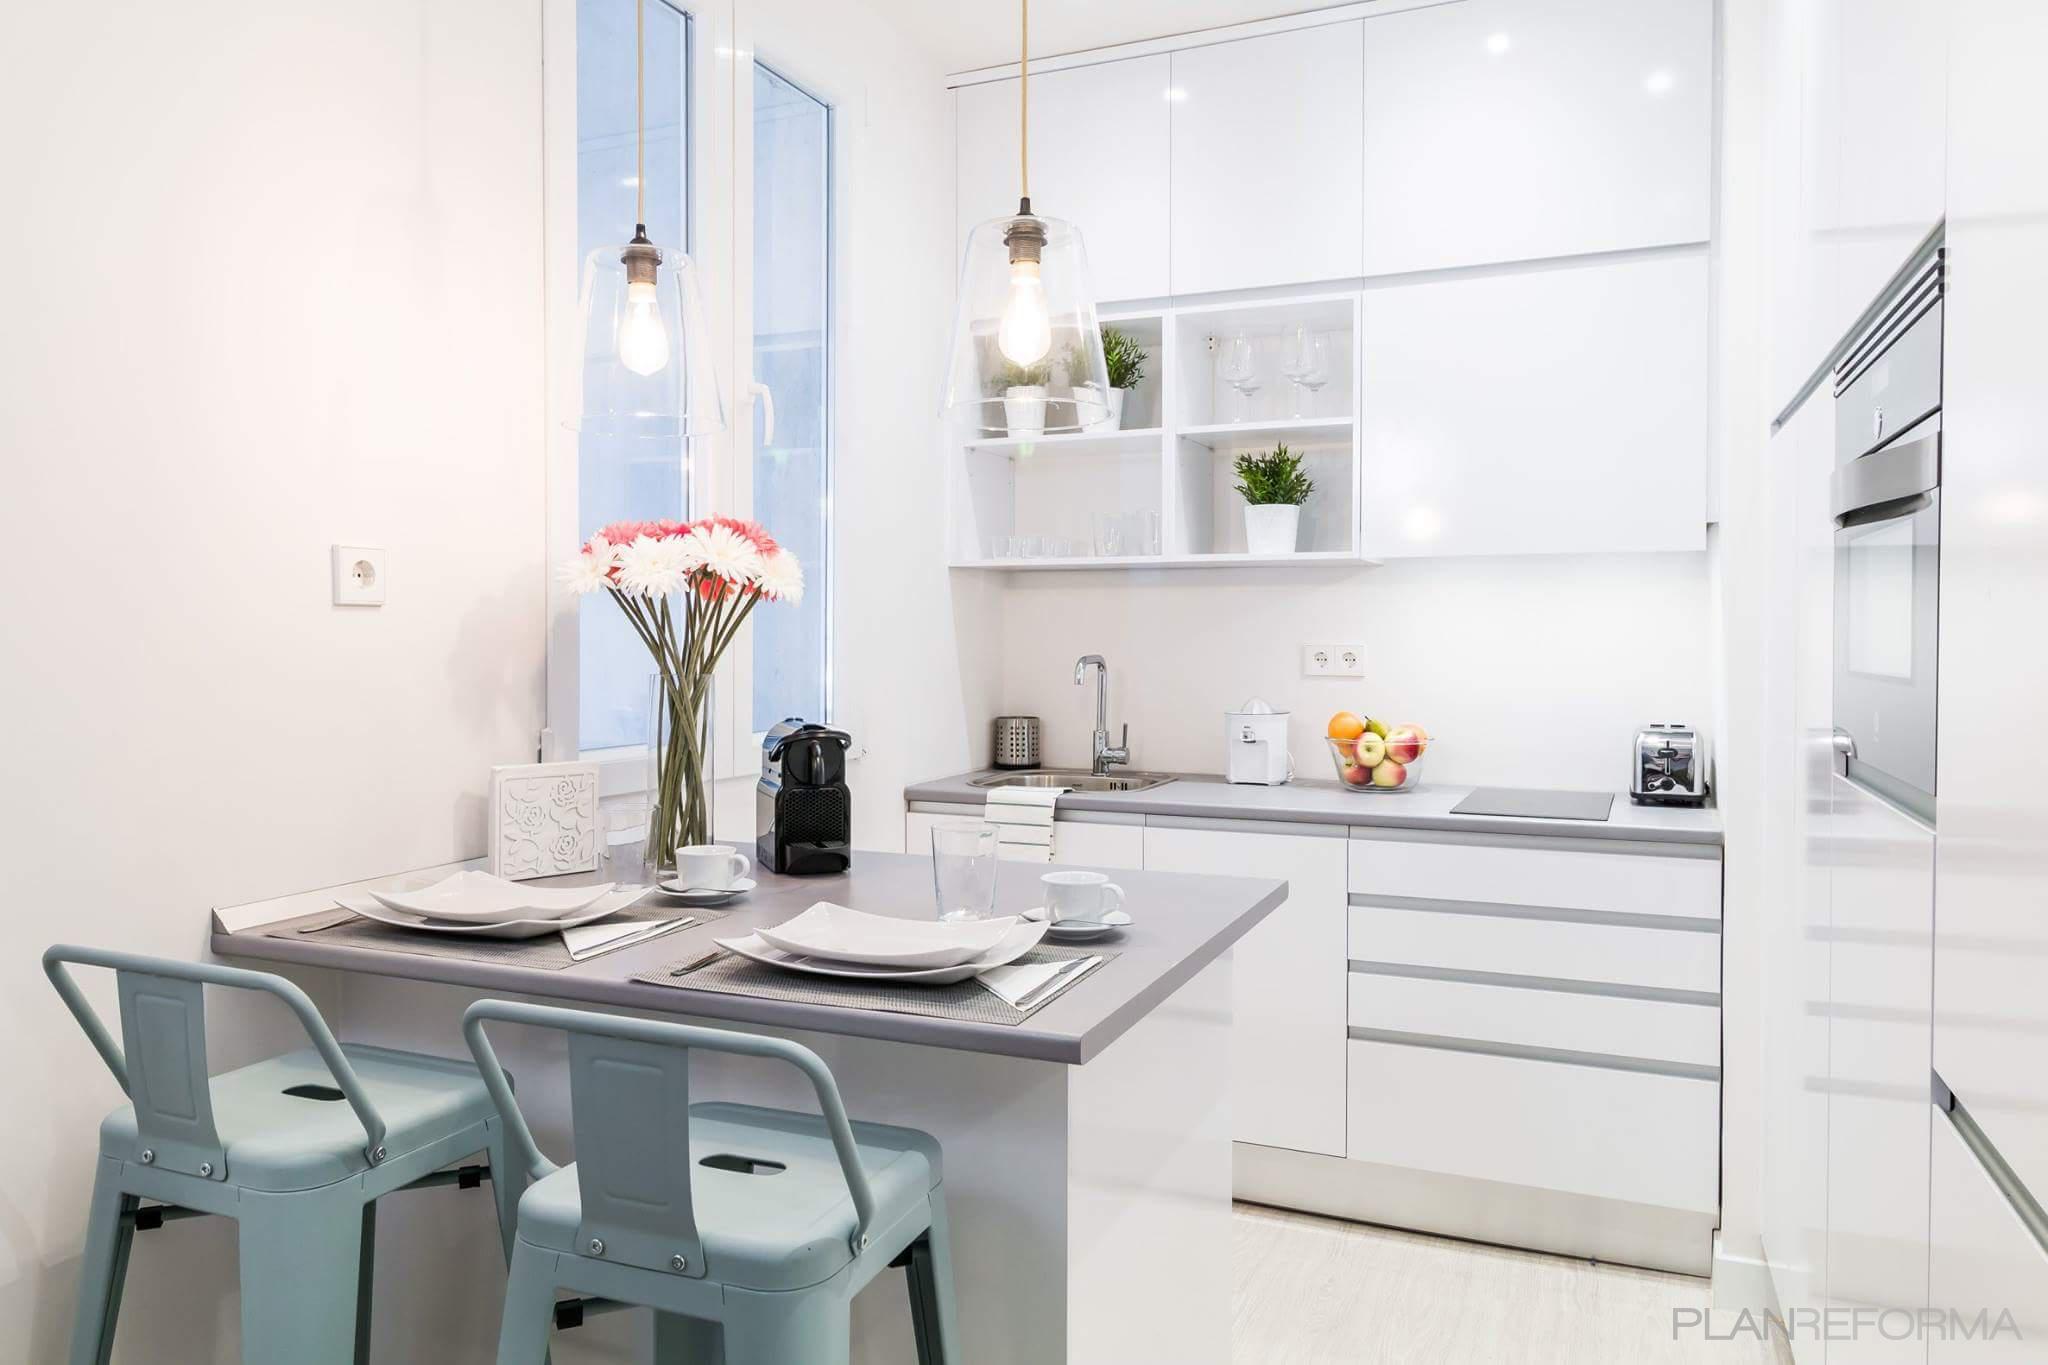 Cocina Estilo moderno Color azul cielo, blanco, gris  diseñado por MASTER PLANNER REFORMAS | Gremio | Copyright MASTER PLANNER REFORMAS